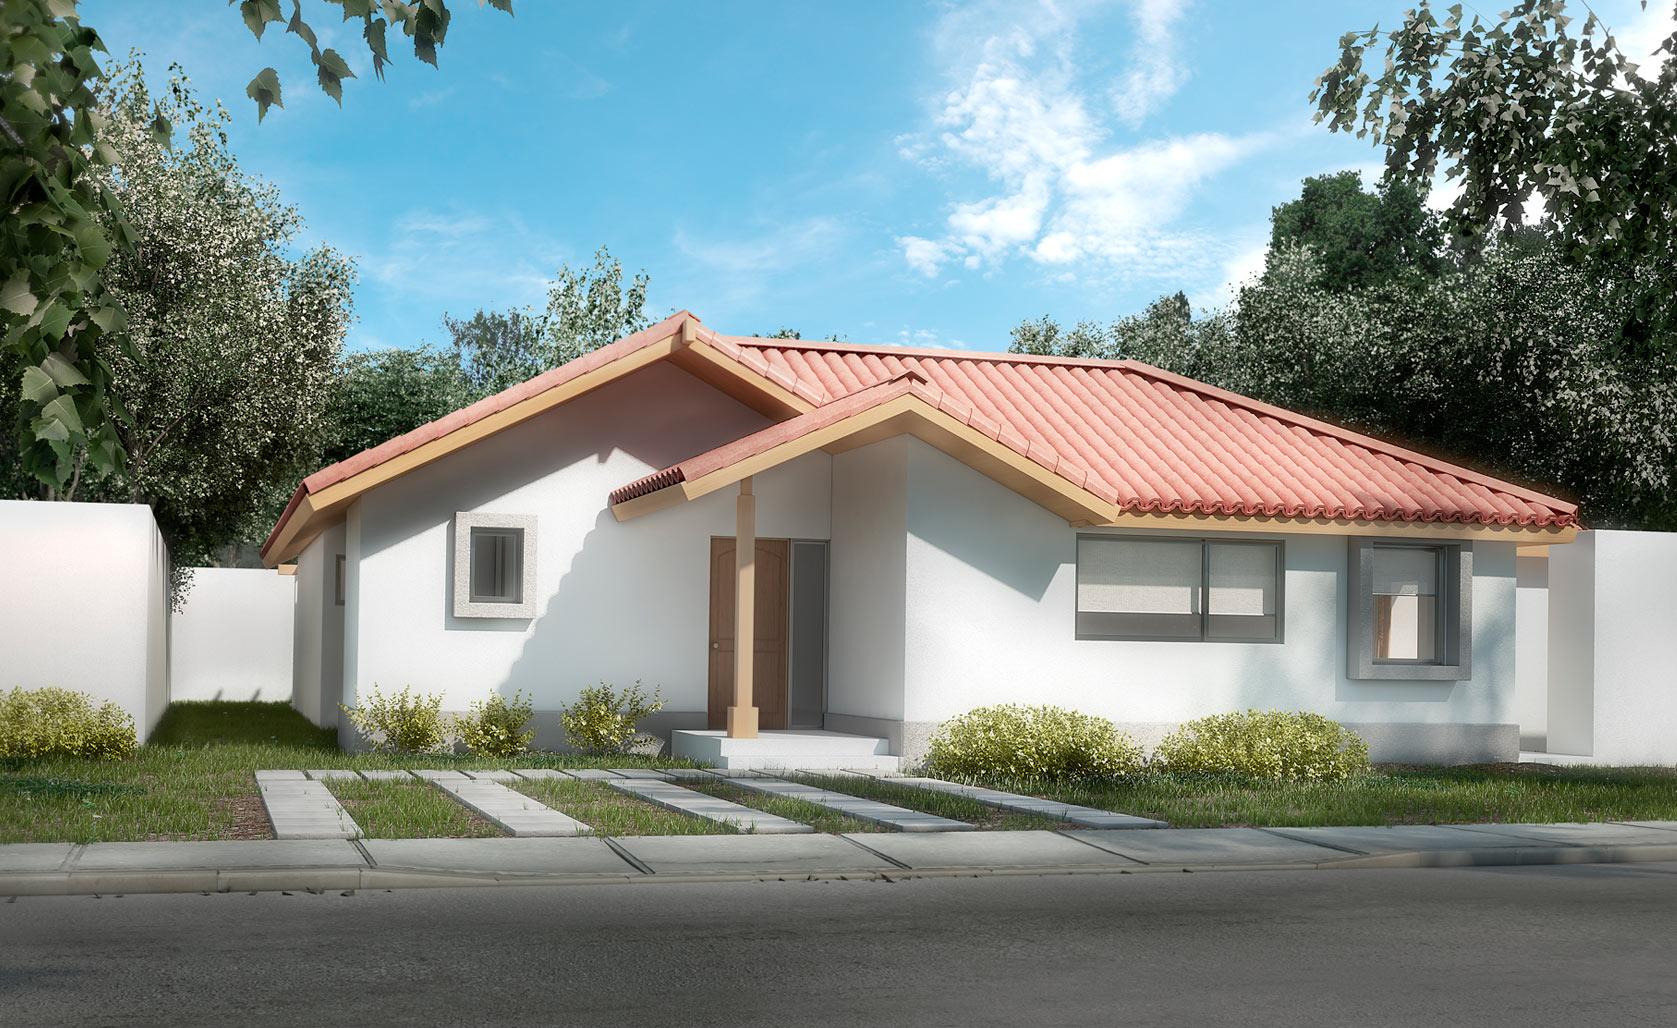 El polo de machal emol propiedades for Casa moderna 140 m2